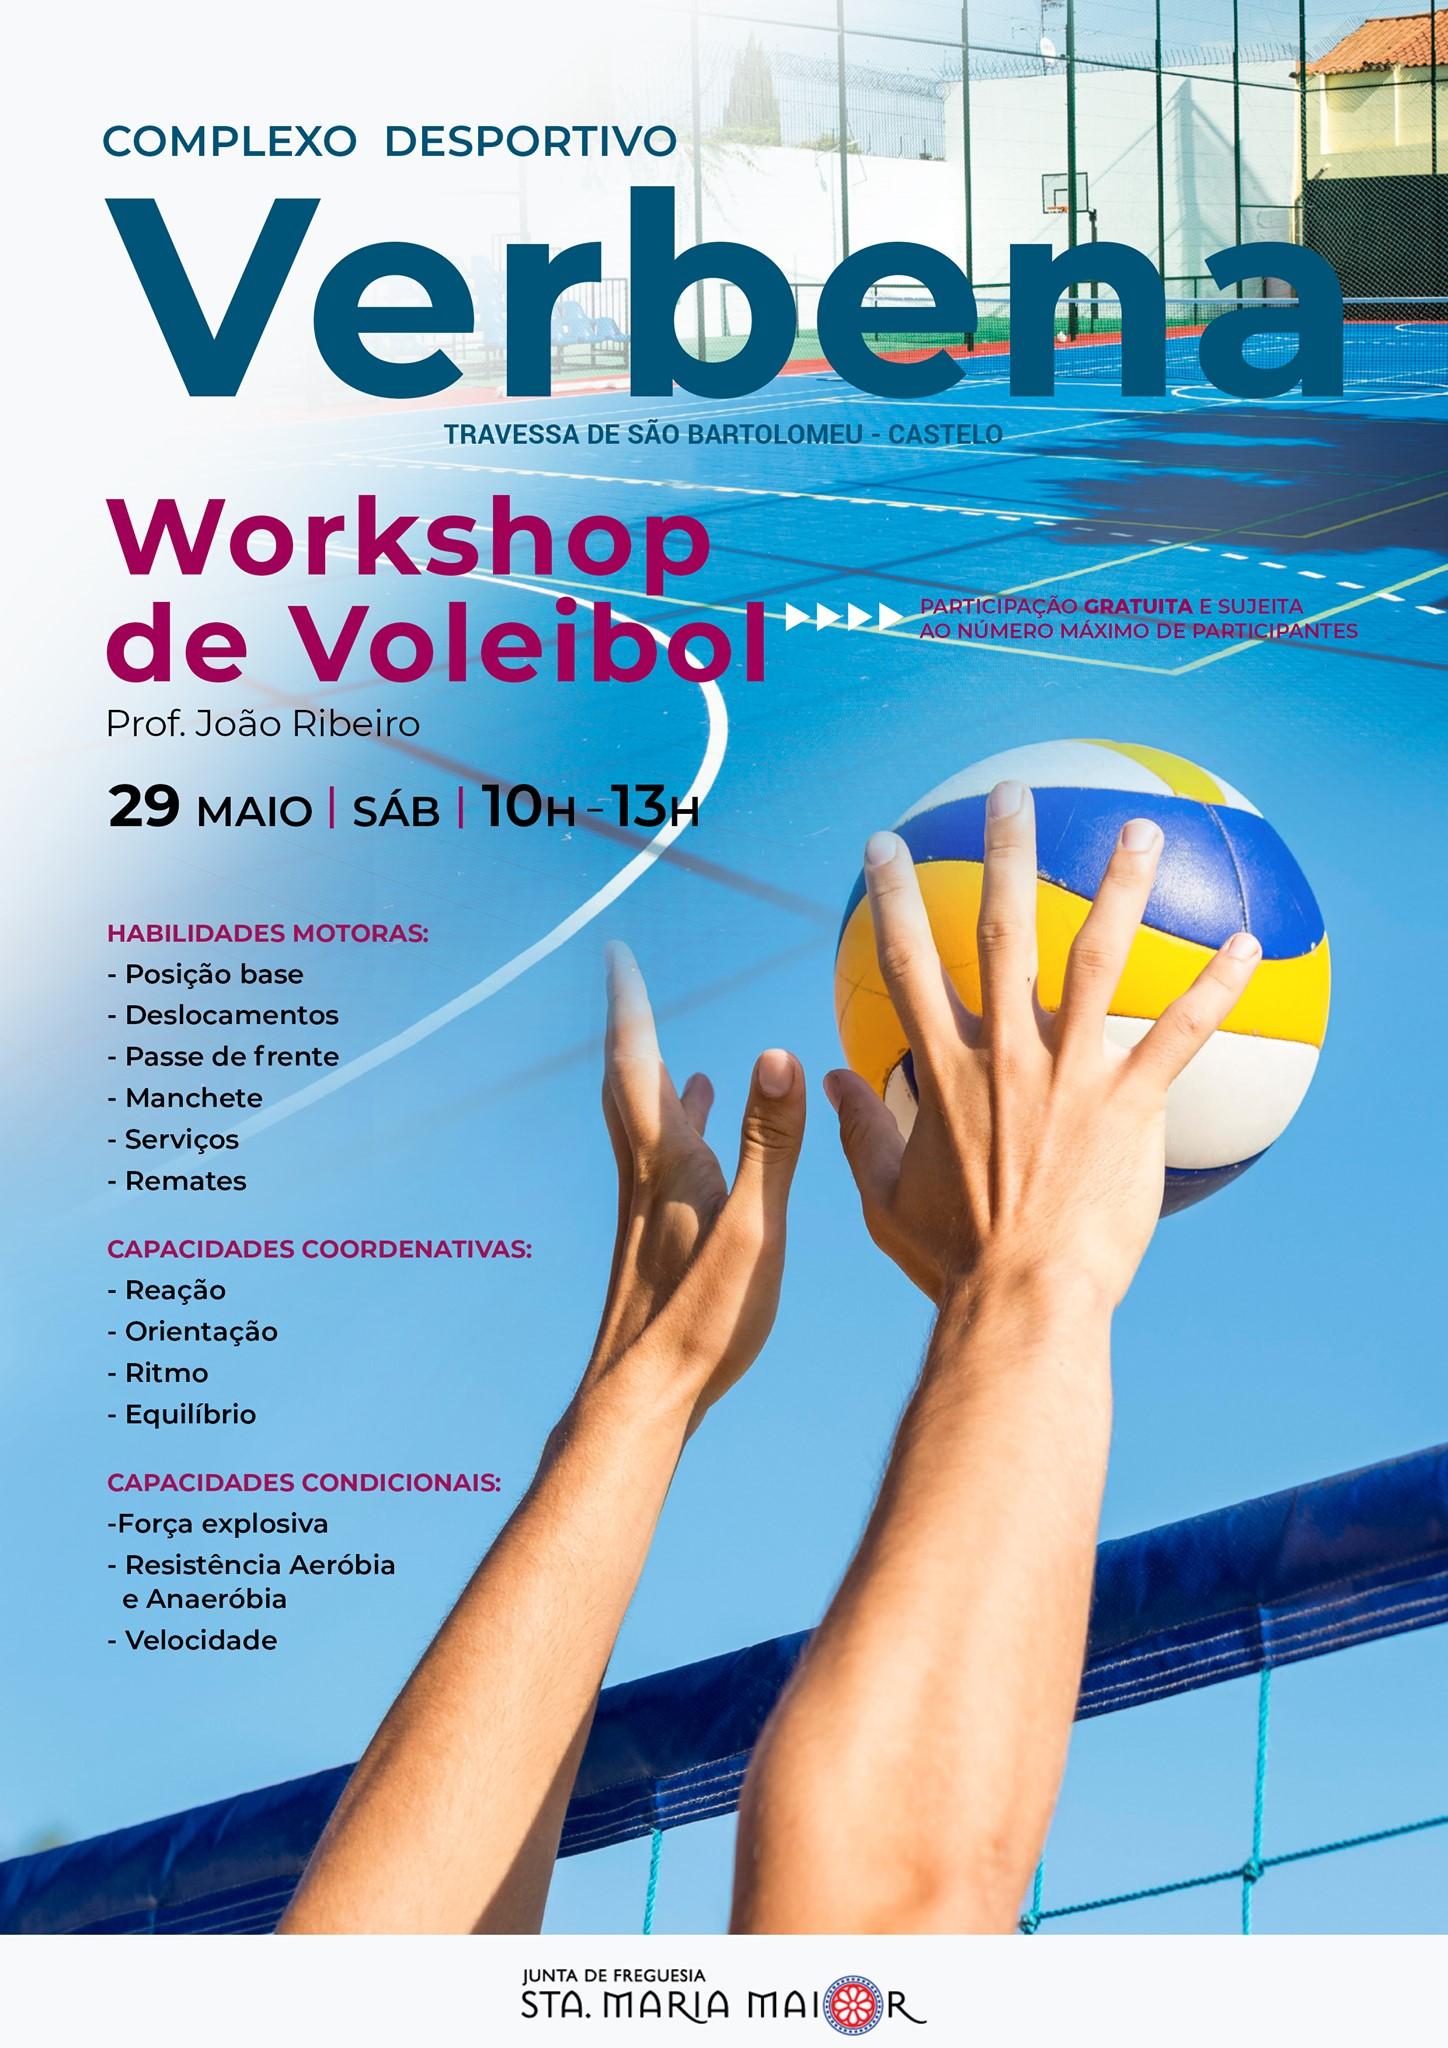 Workshop de voleibol